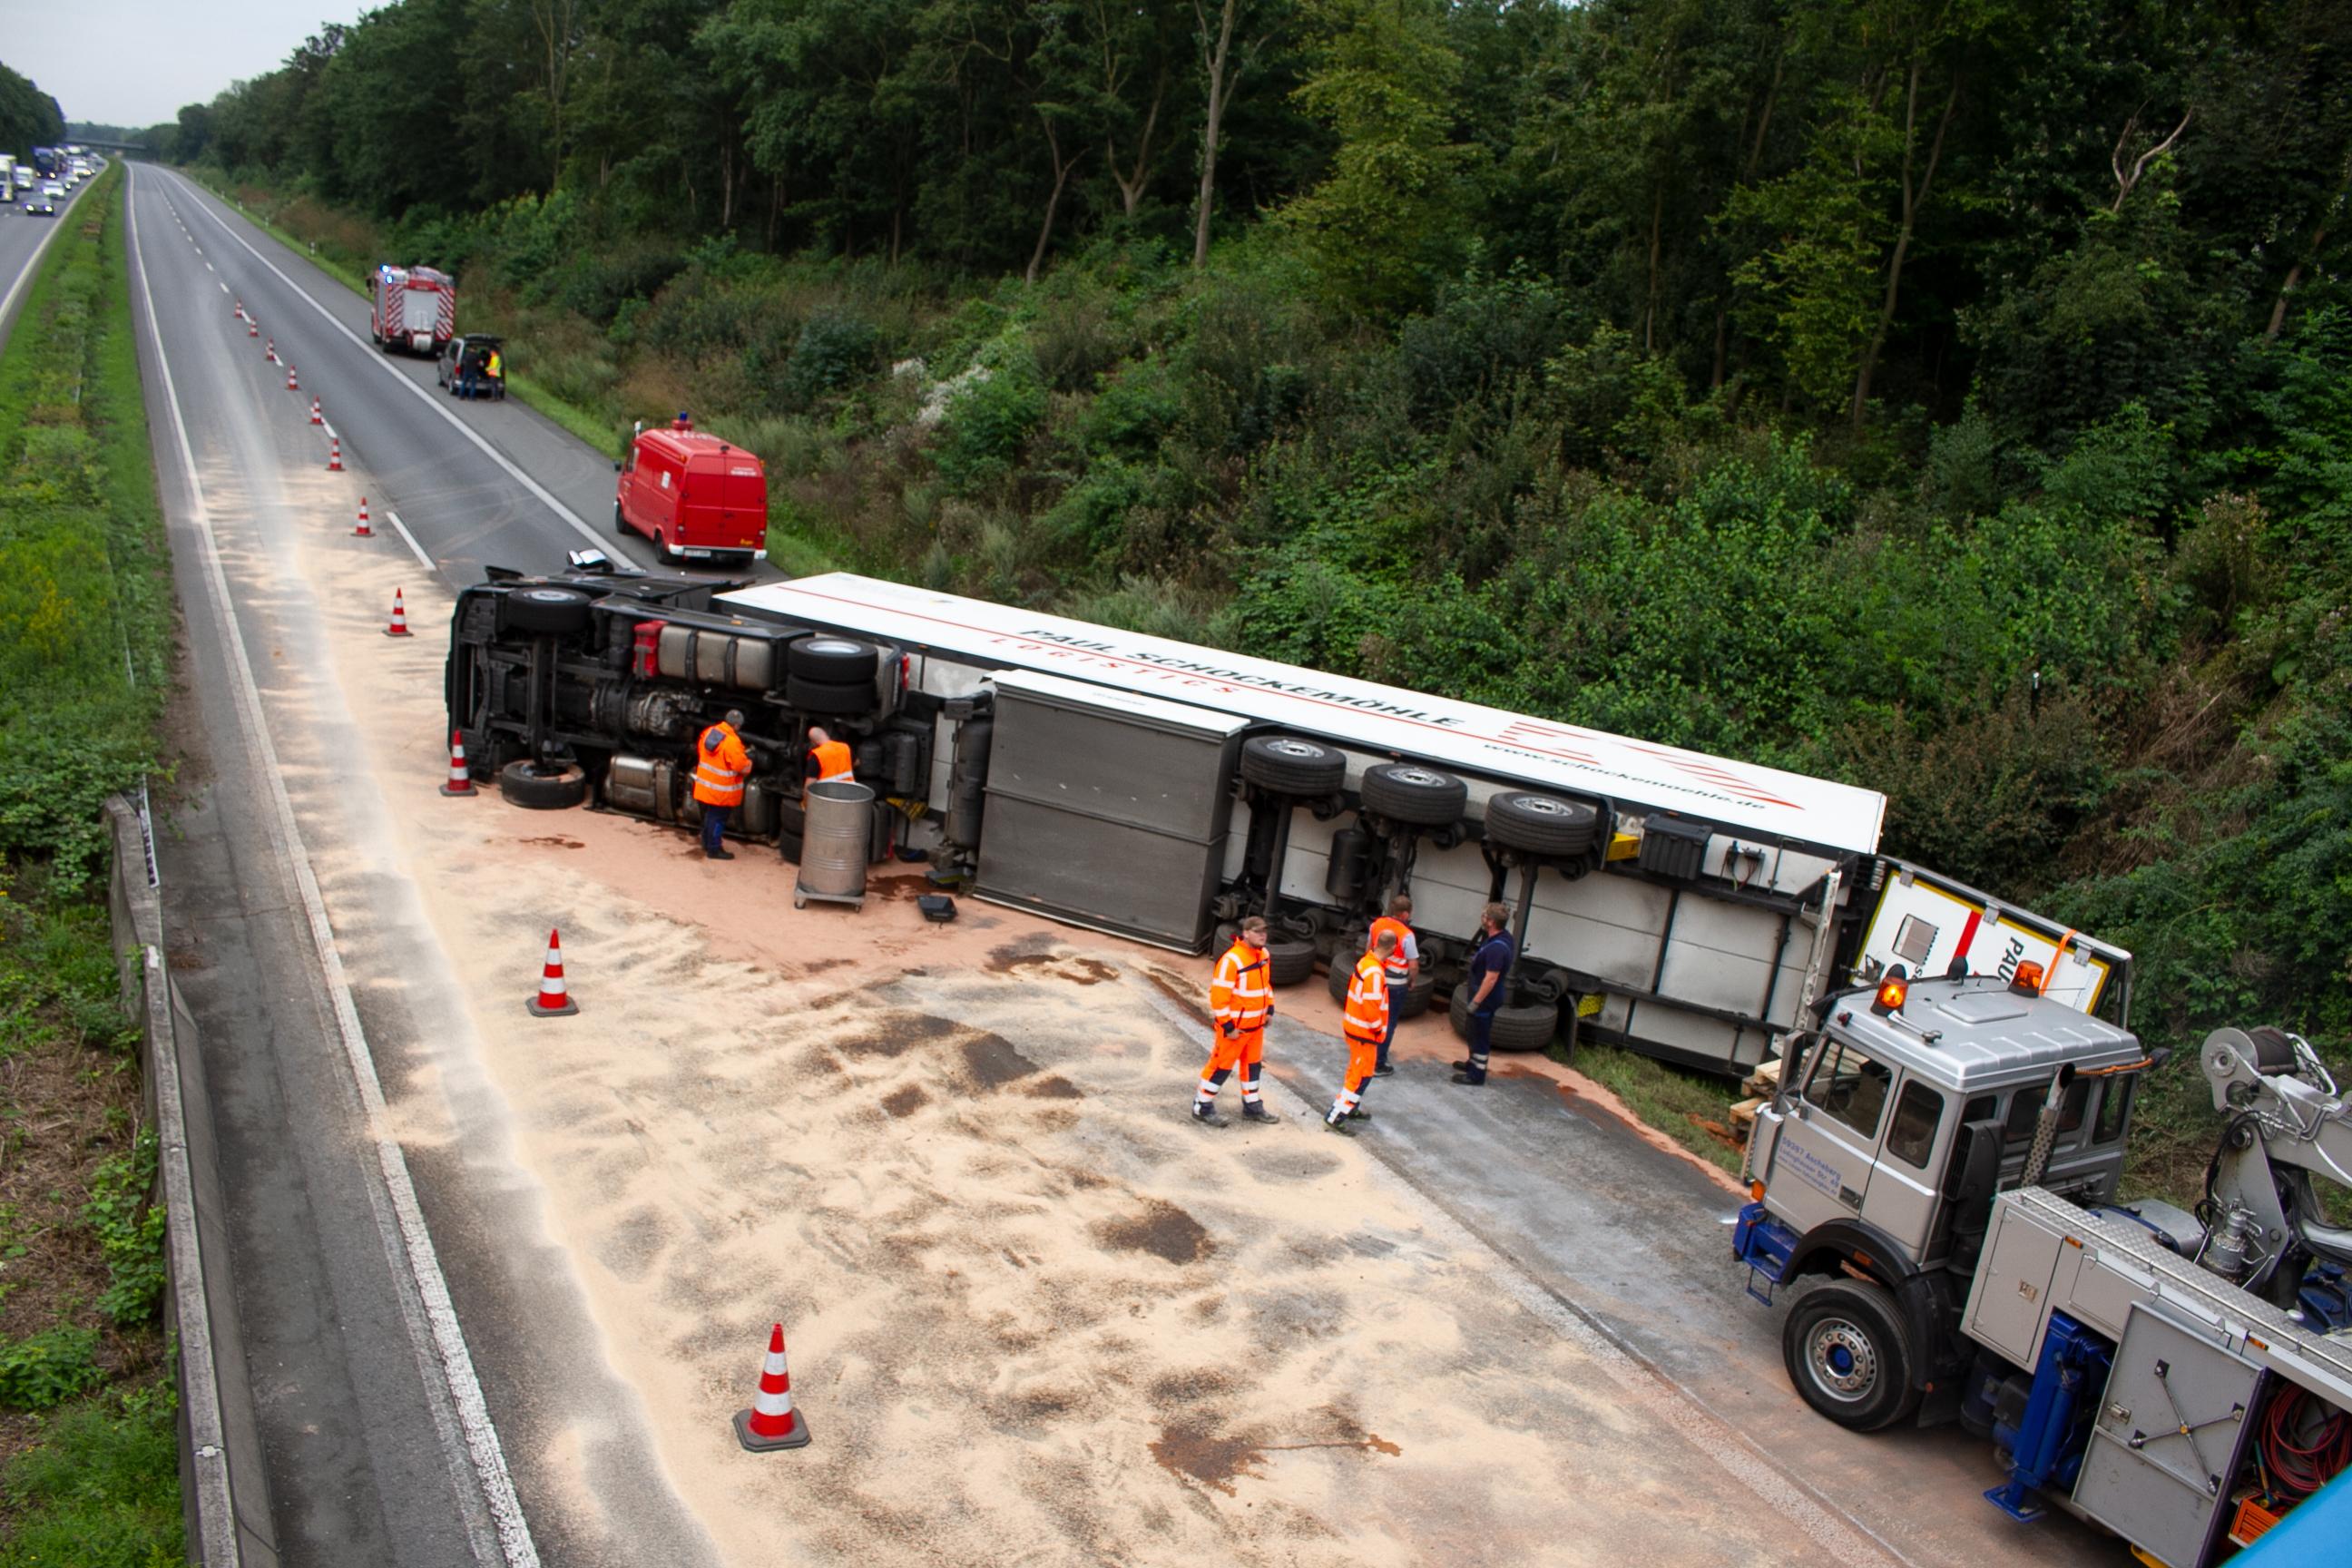 A1 stundenlang dicht: Lkw voller Tiefkühlpommes kippt um - Fahrbahn wieder frei